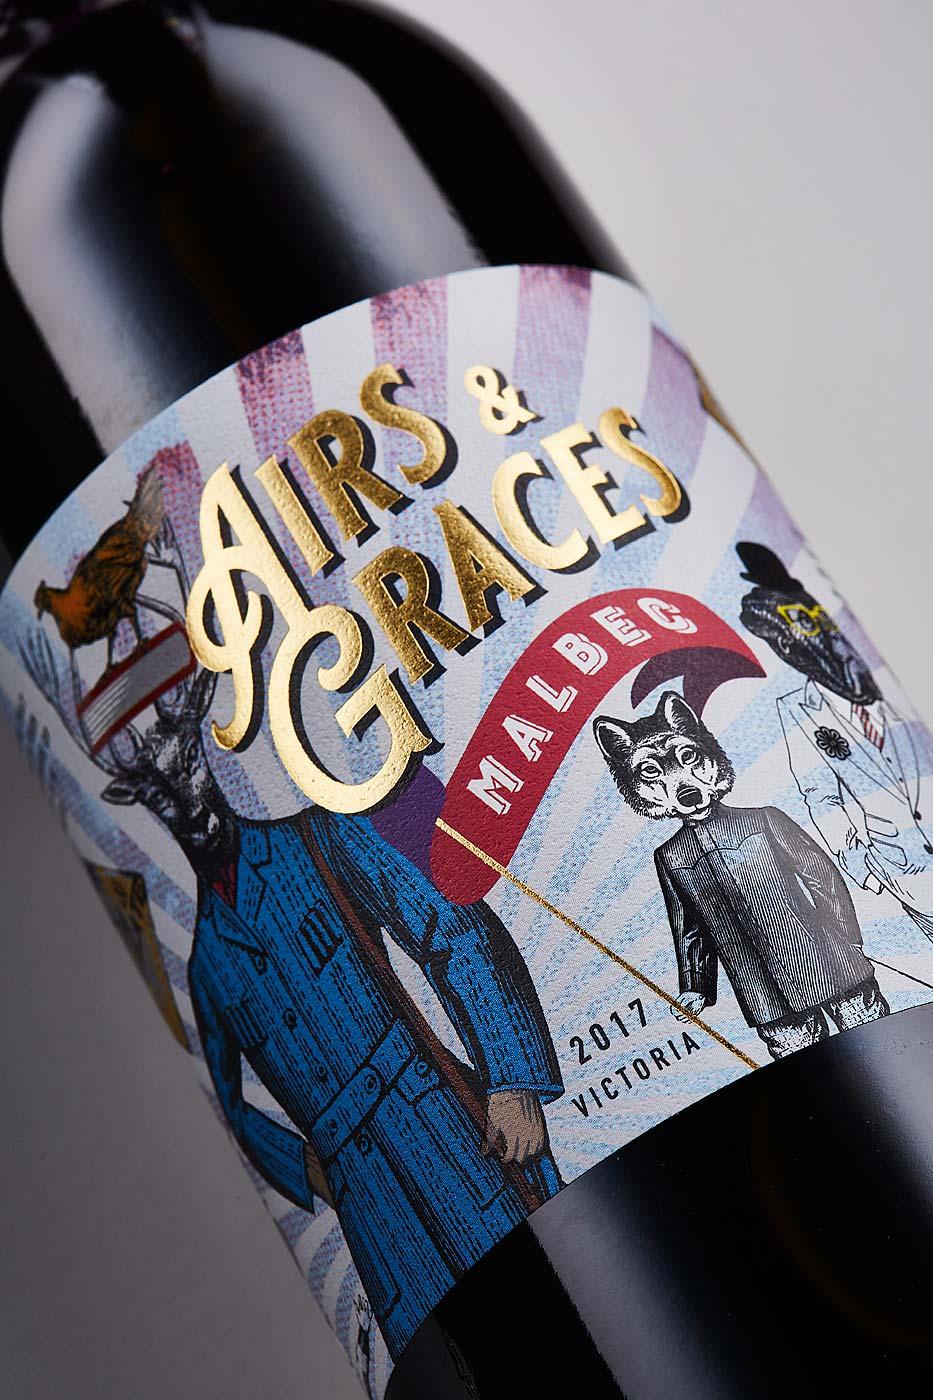 airesandgraces_wine-bottle_1230_1075.jpg